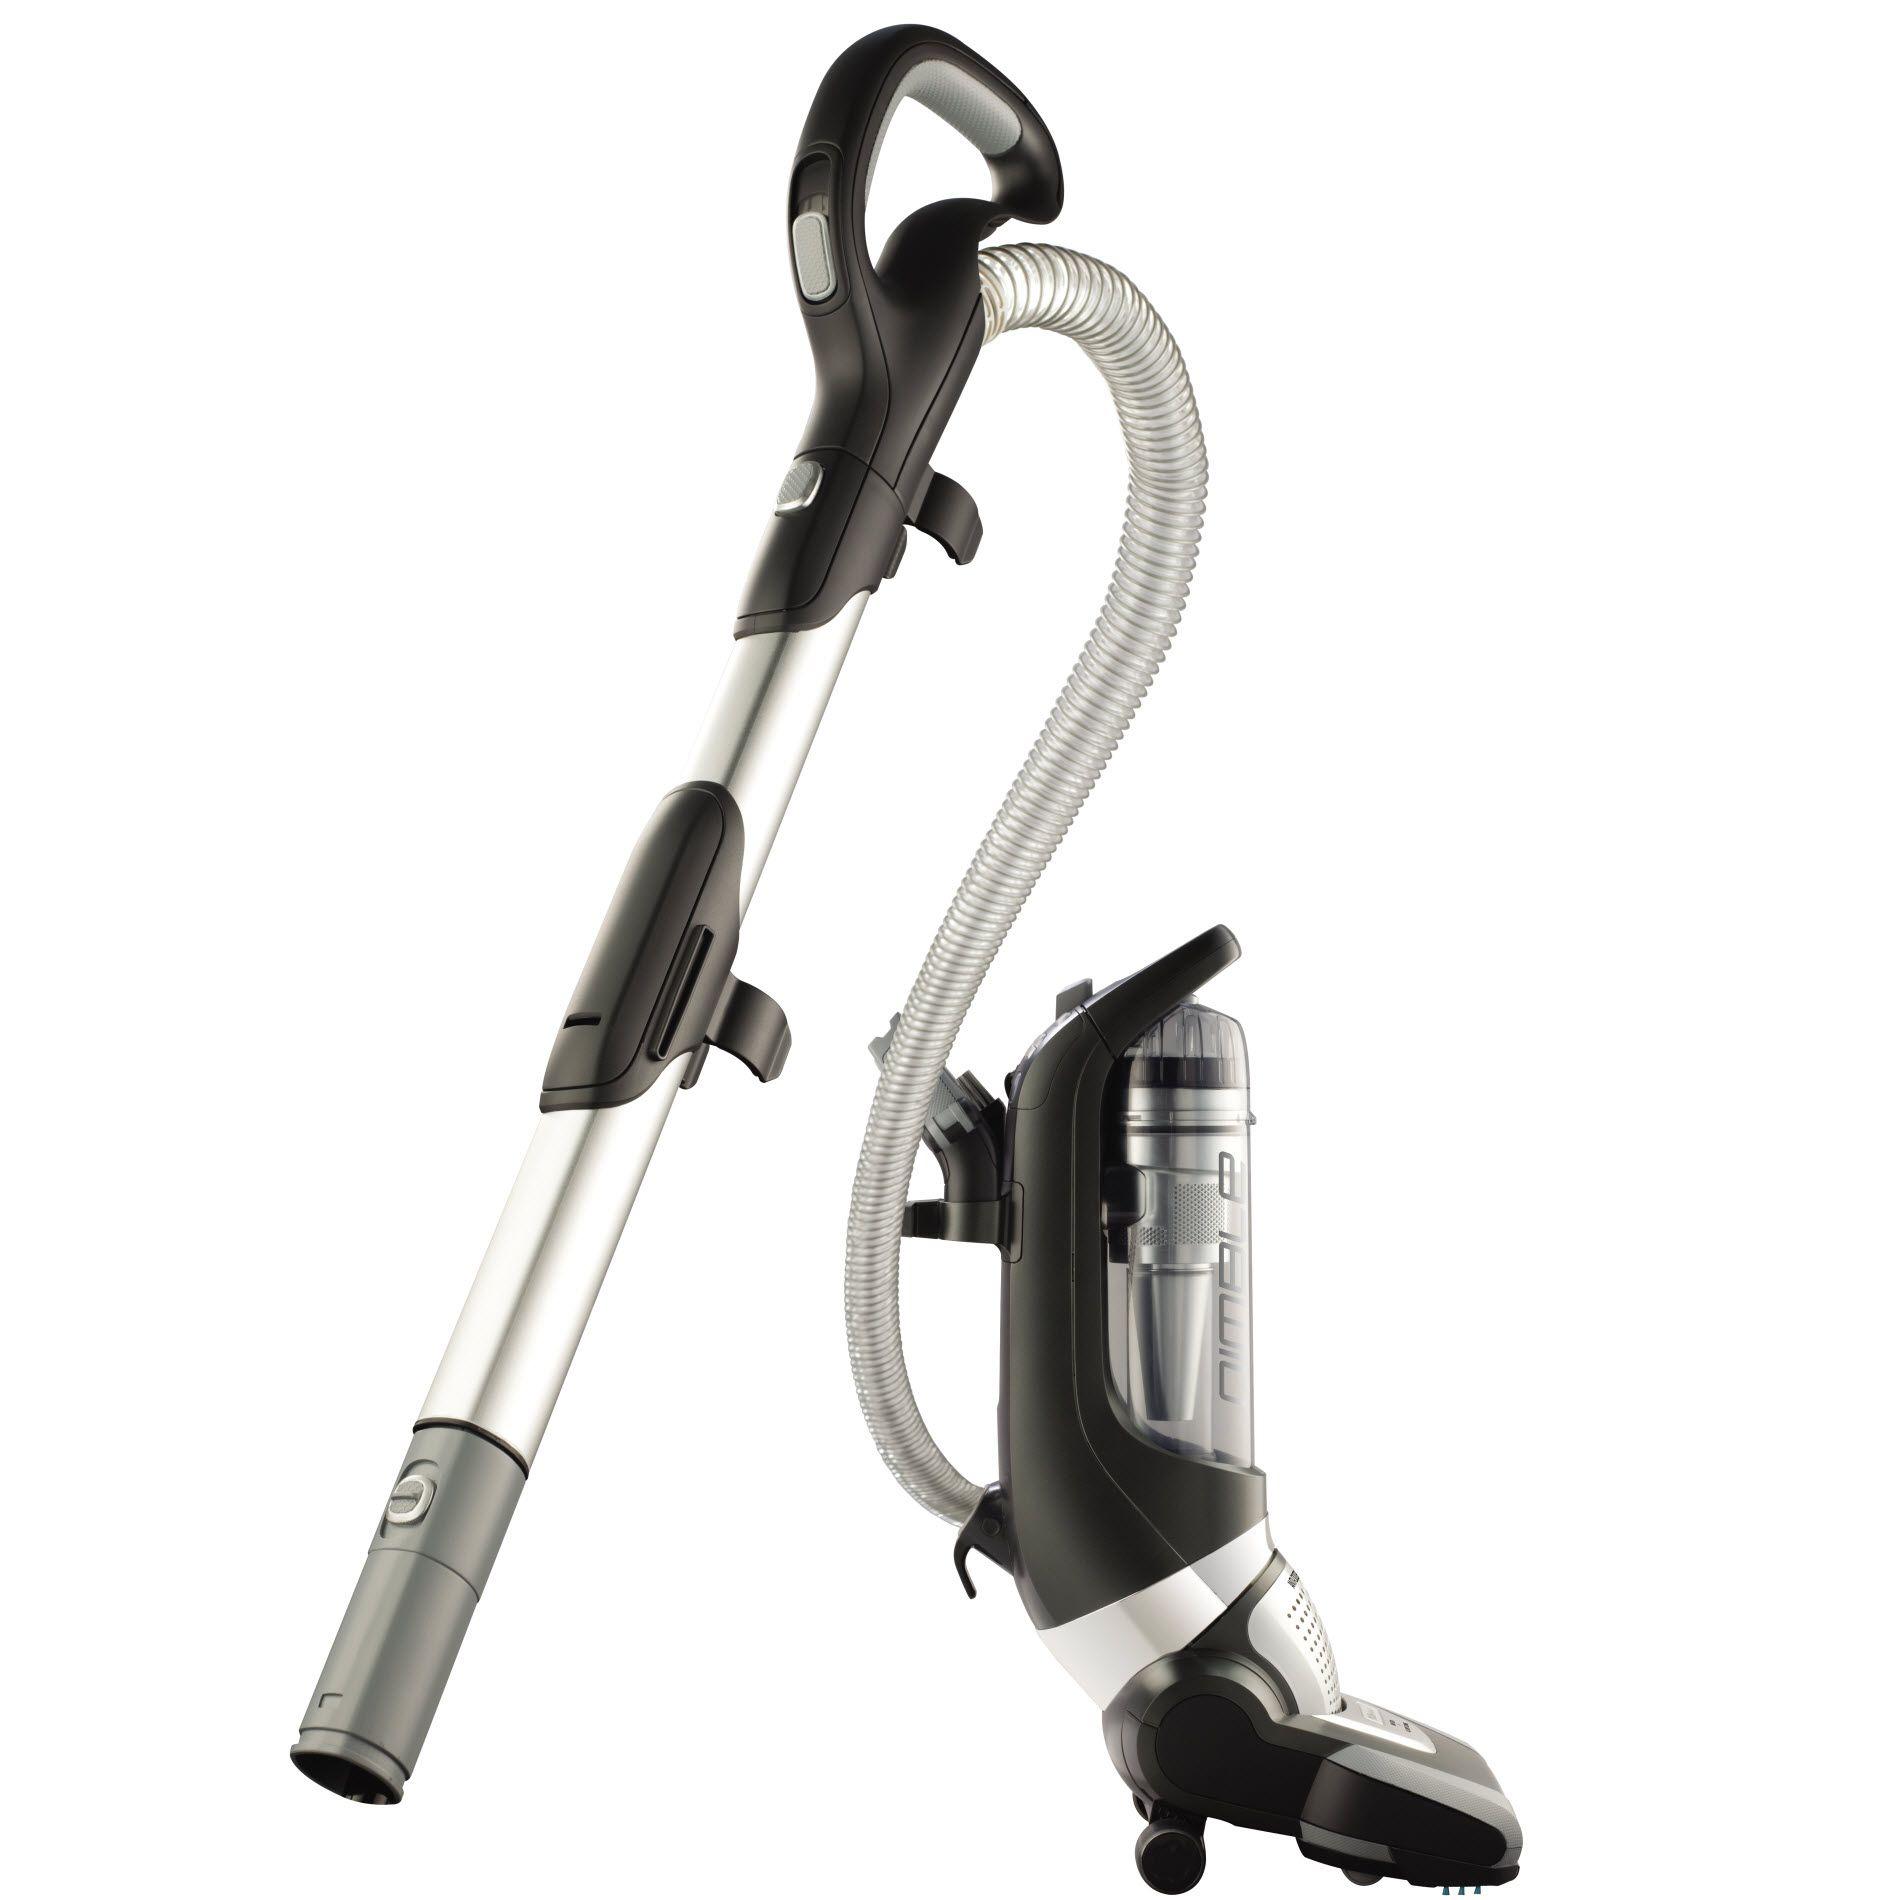 Electrolux Nimble® Upright Vacuum